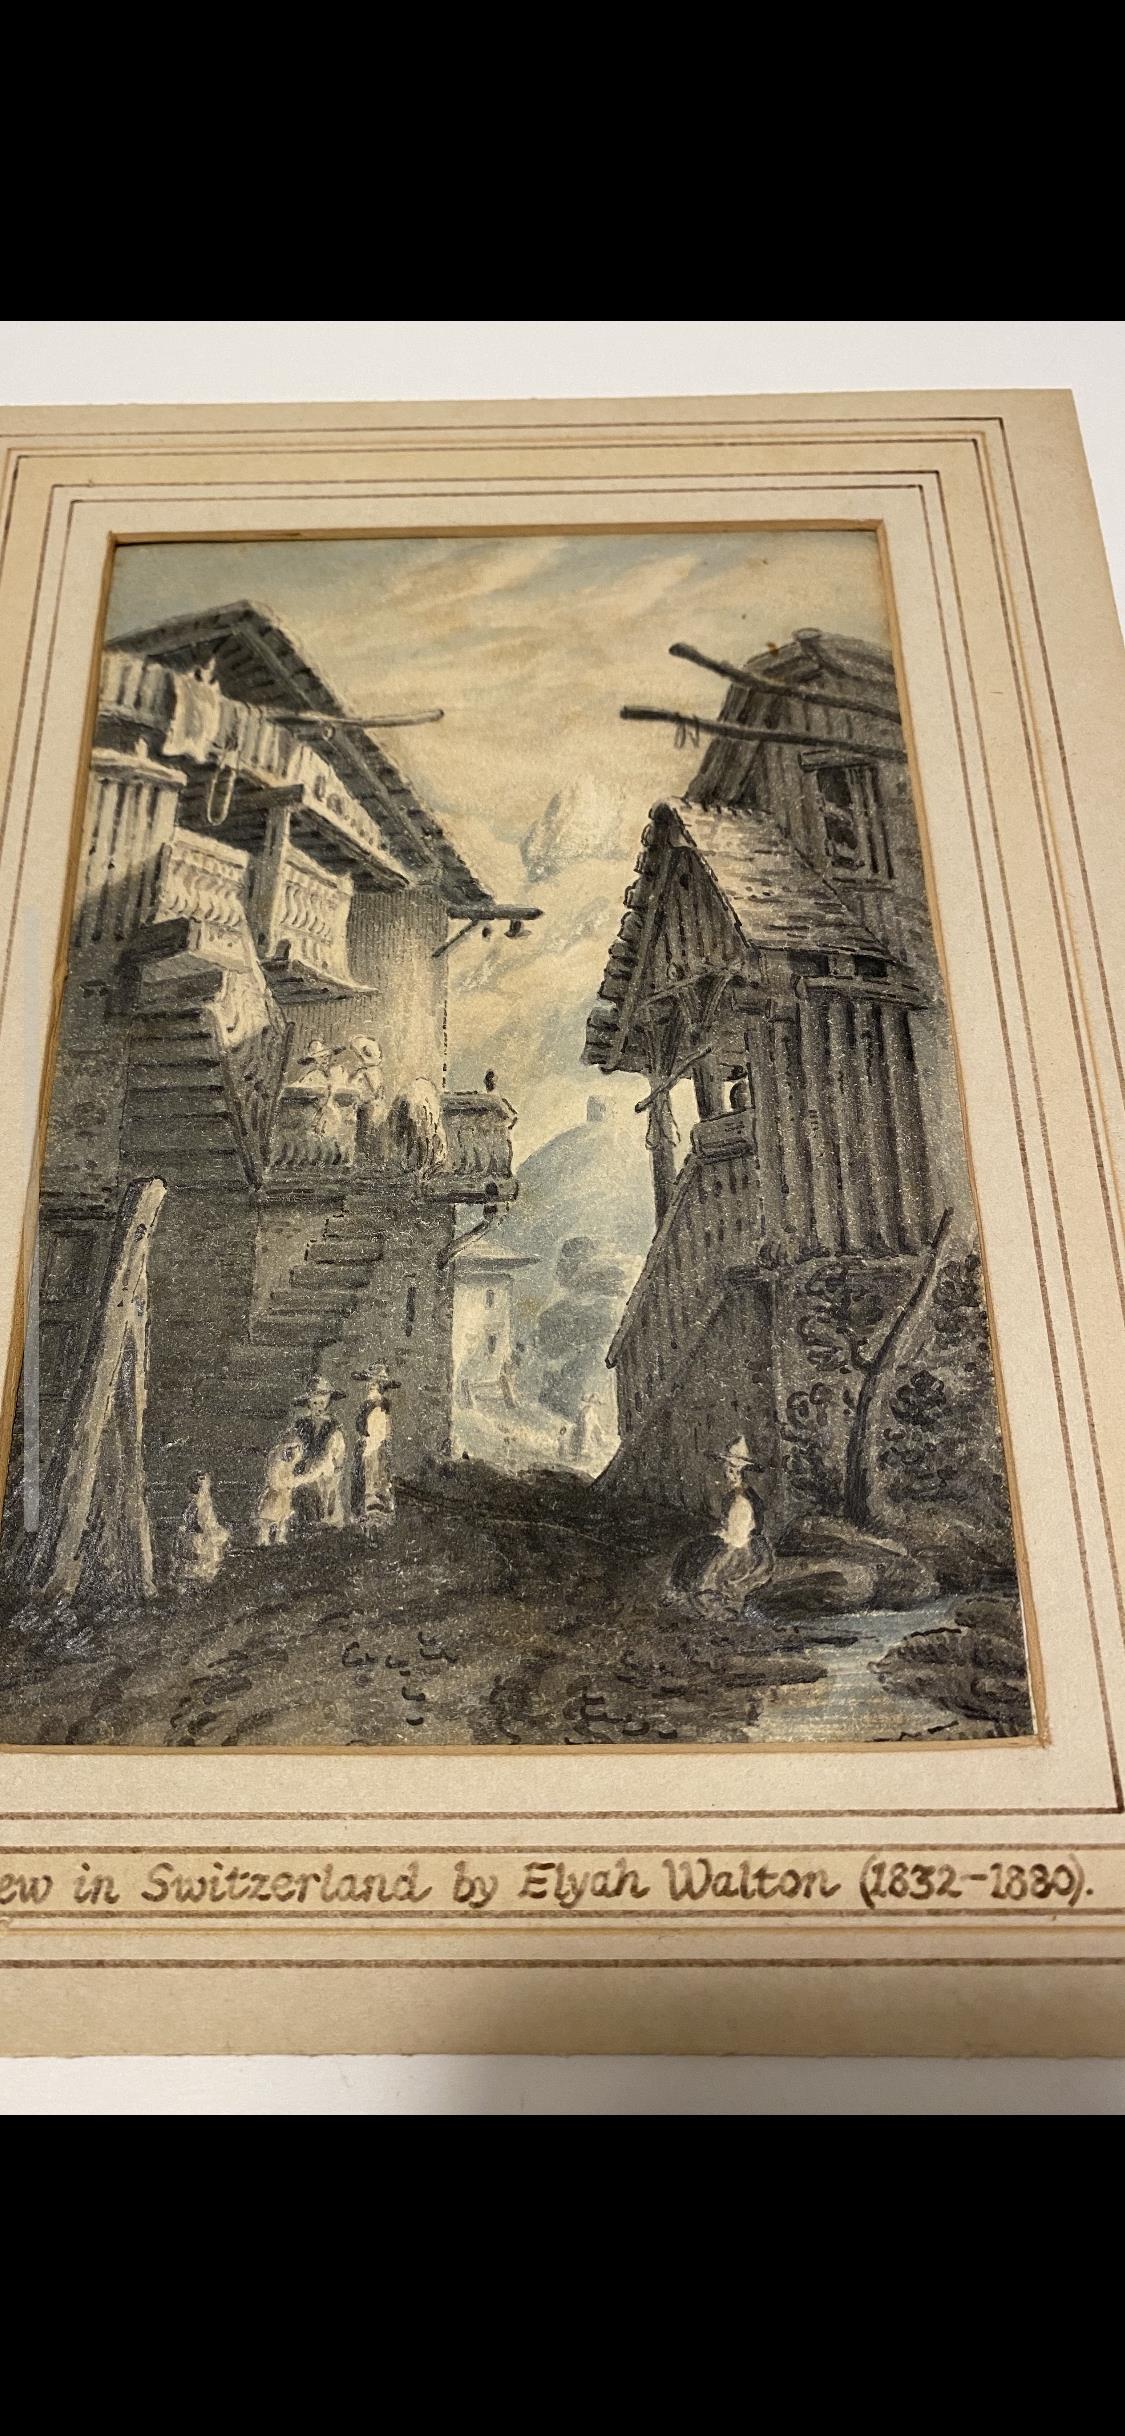 VIEW IN SWITZERLAND BY ELYAH WALTON 1832-1880